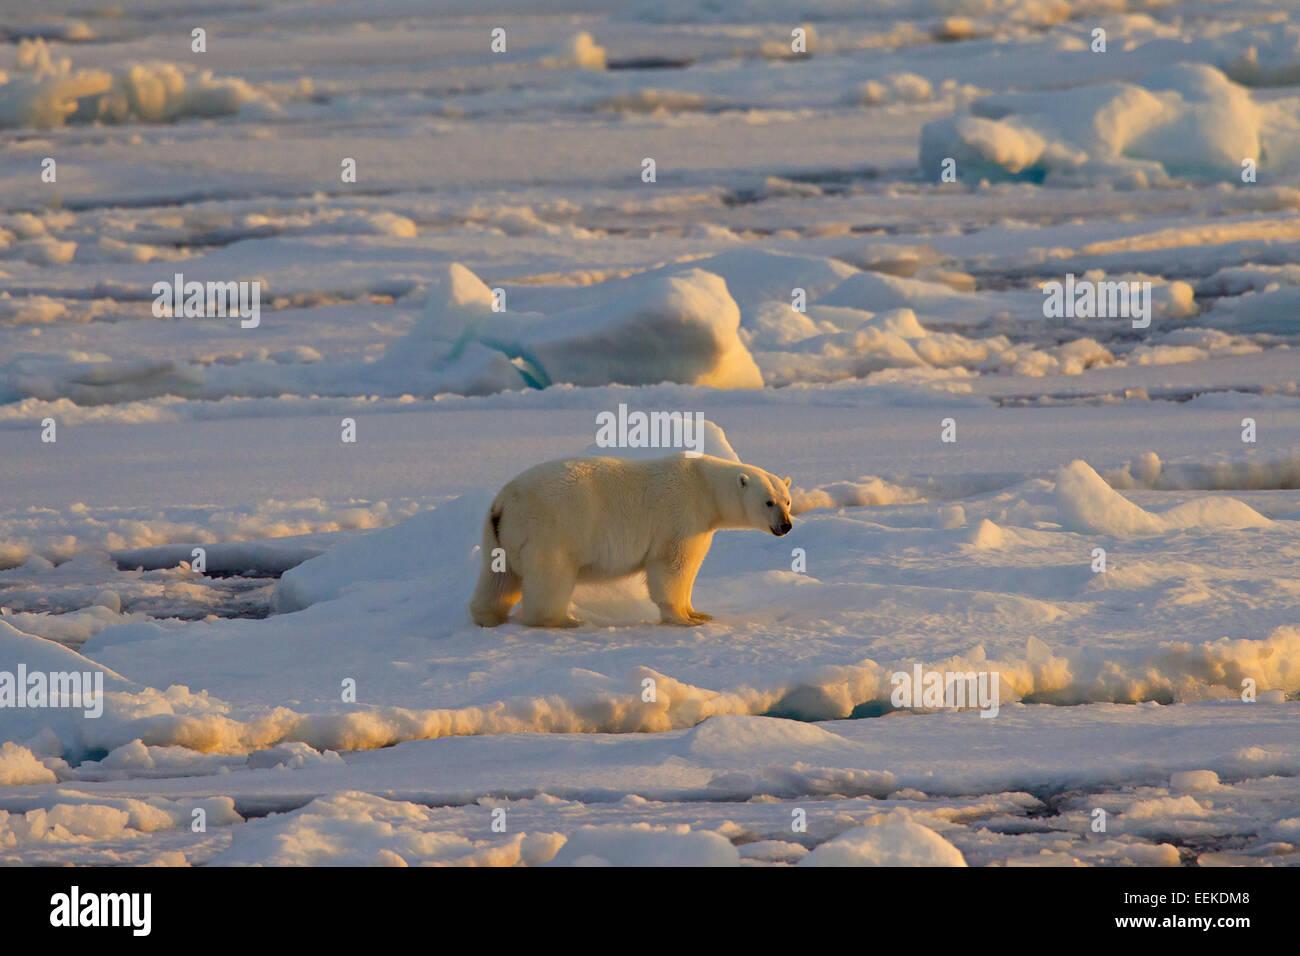 Polar bear (Ursus maritimus / Thalarctos maritimus) walking on pack ice at sunset, Svalbard, Norway Stock Photo